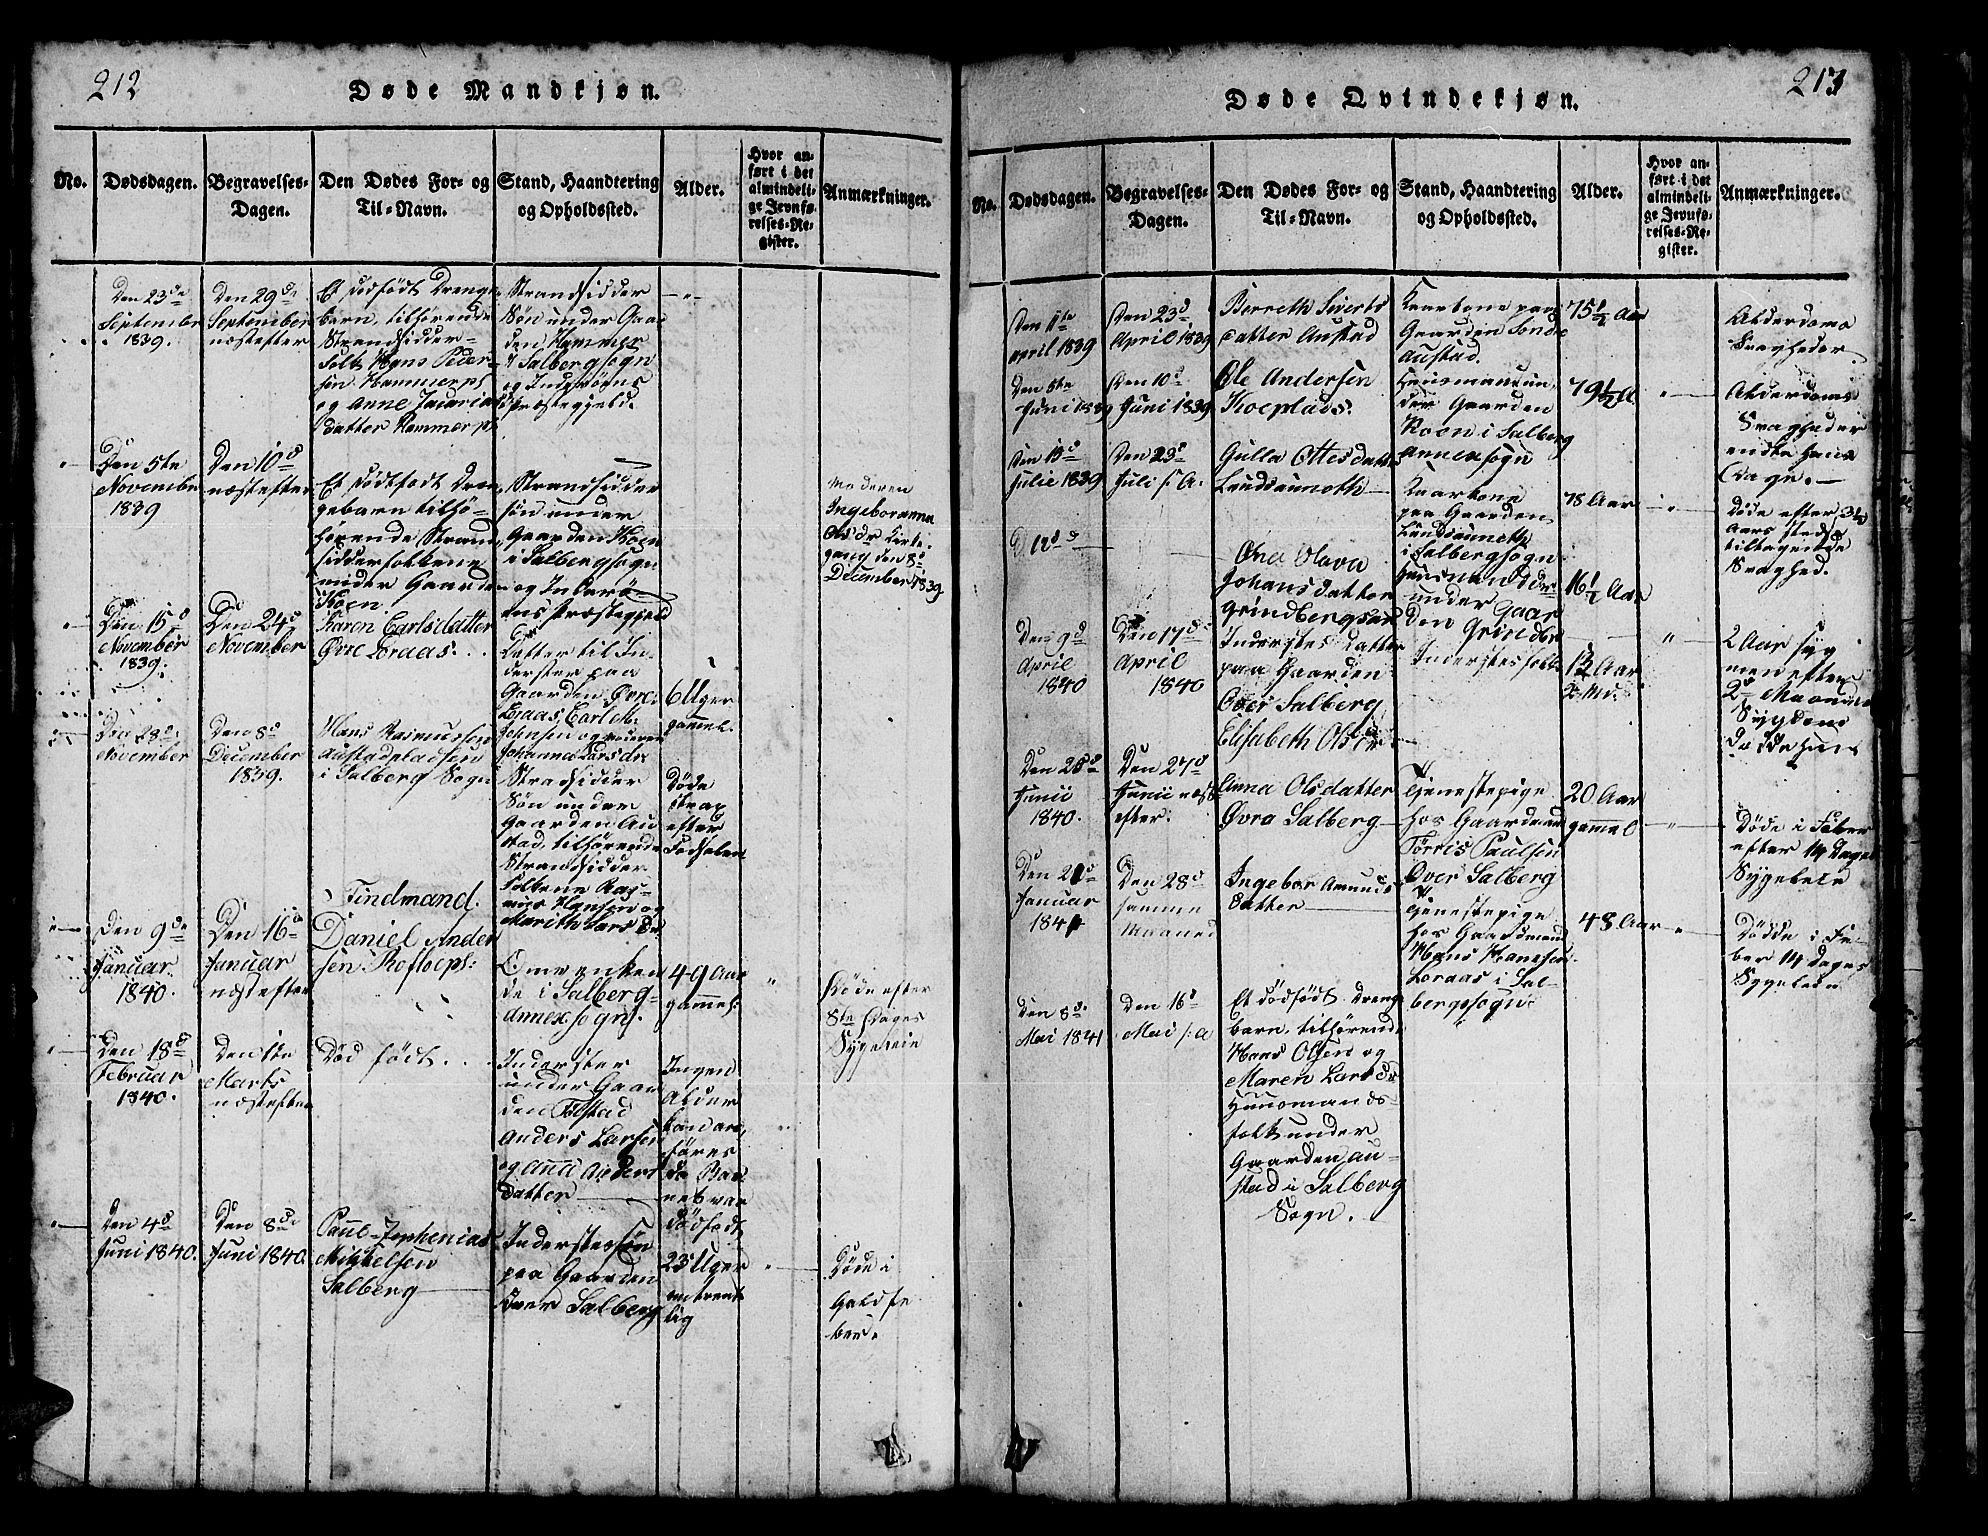 SAT, Ministerialprotokoller, klokkerbøker og fødselsregistre - Nord-Trøndelag, 731/L0310: Klokkerbok nr. 731C01, 1816-1874, s. 212-213